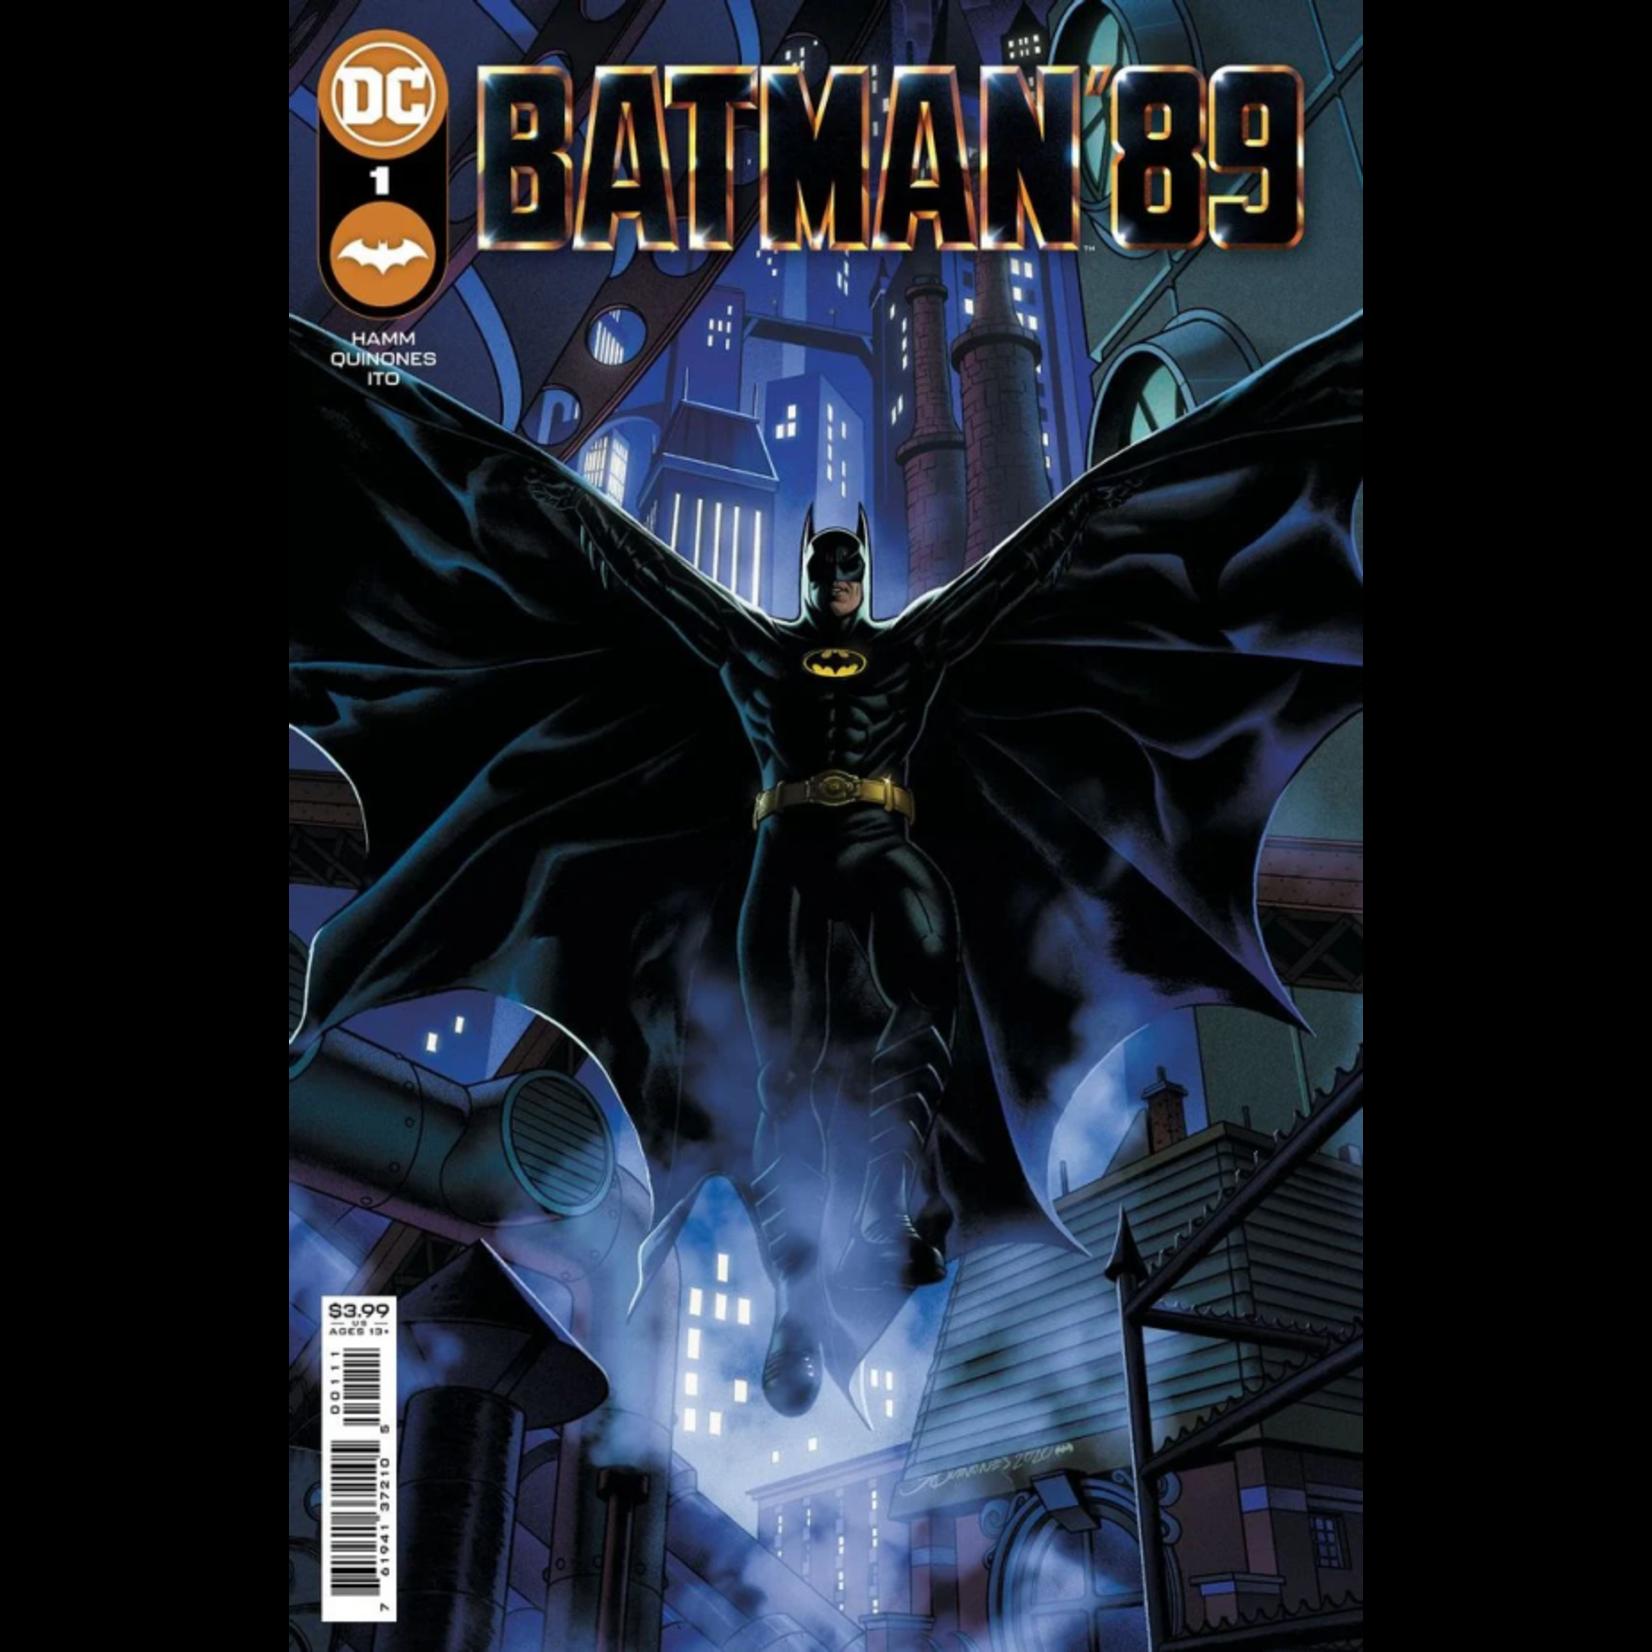 DC Comics Batman 89 #1 Cover A